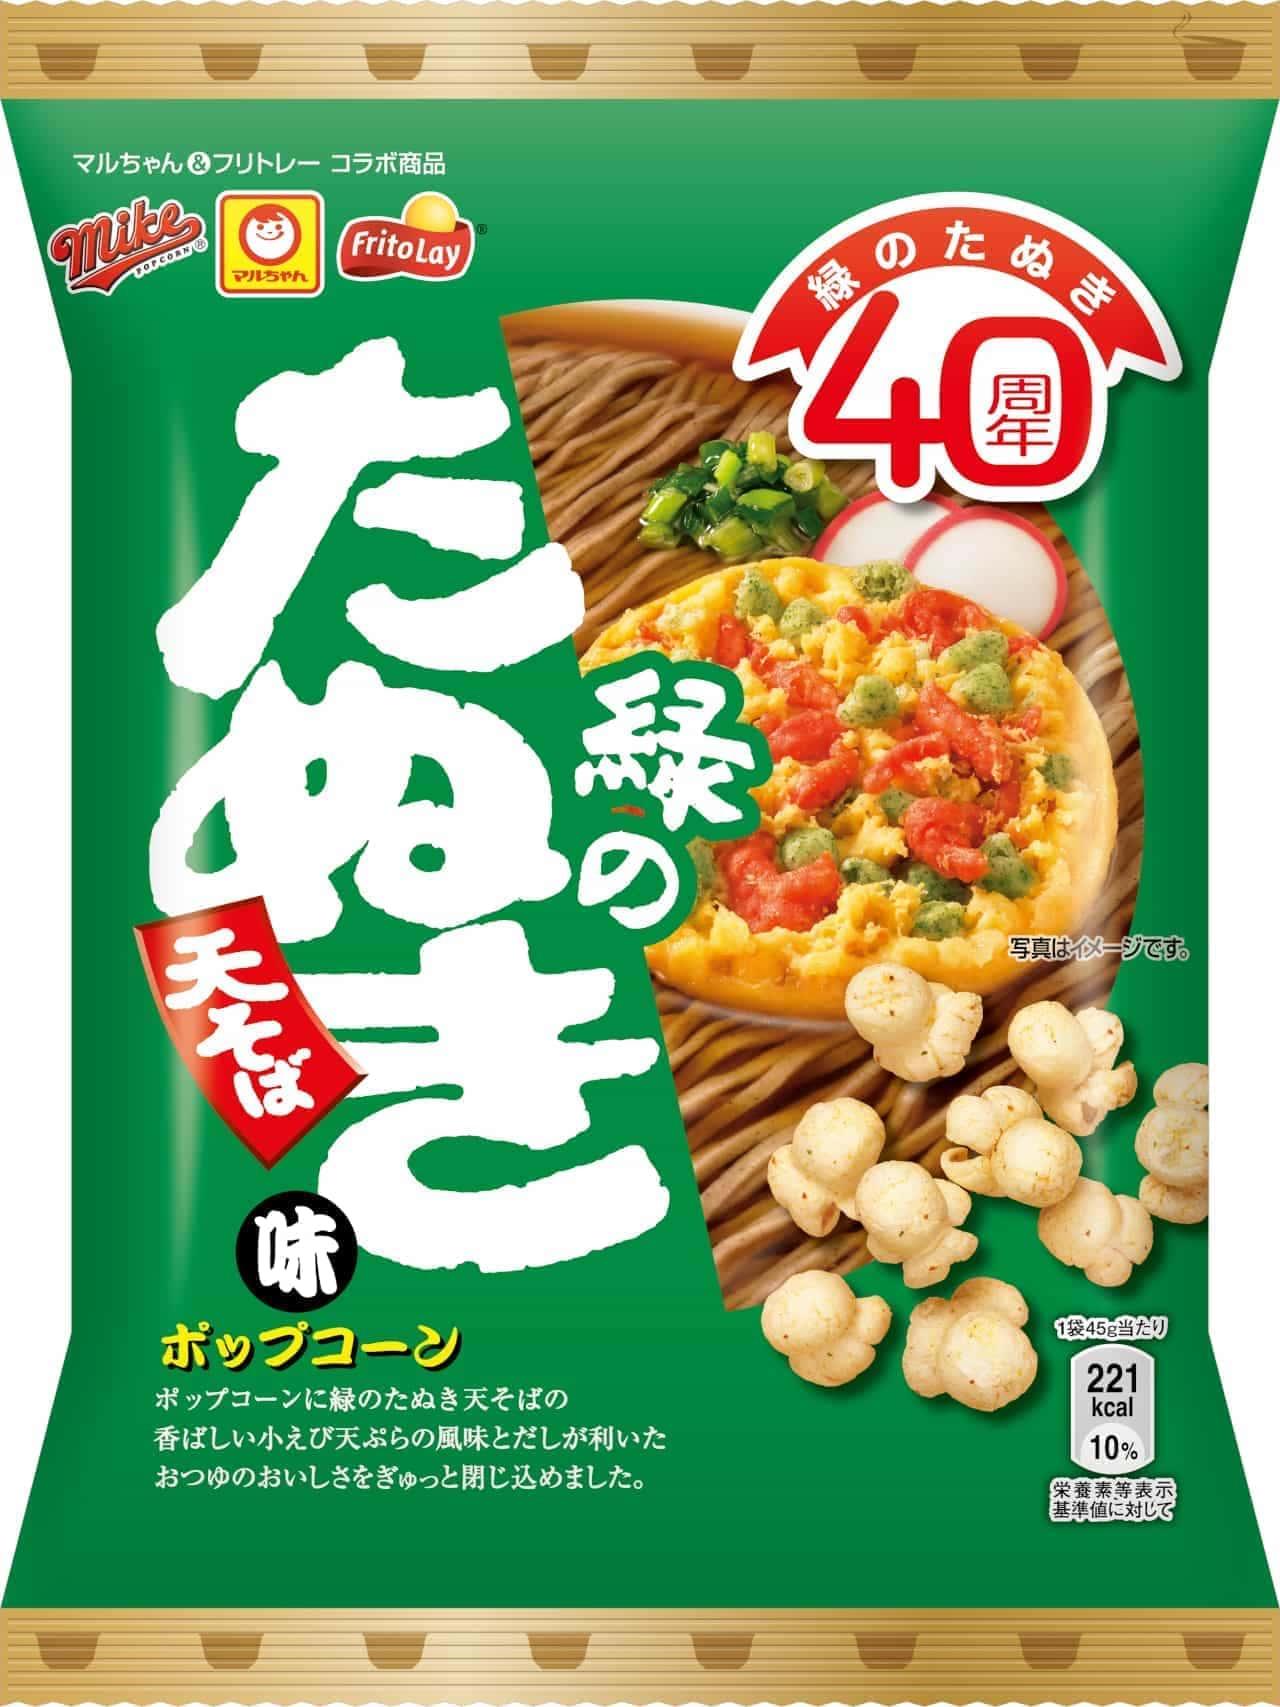 ジャパンフリトレー「マイクポップコーン 緑のたぬき味」「トルティーヤチップス 赤いきつね味」